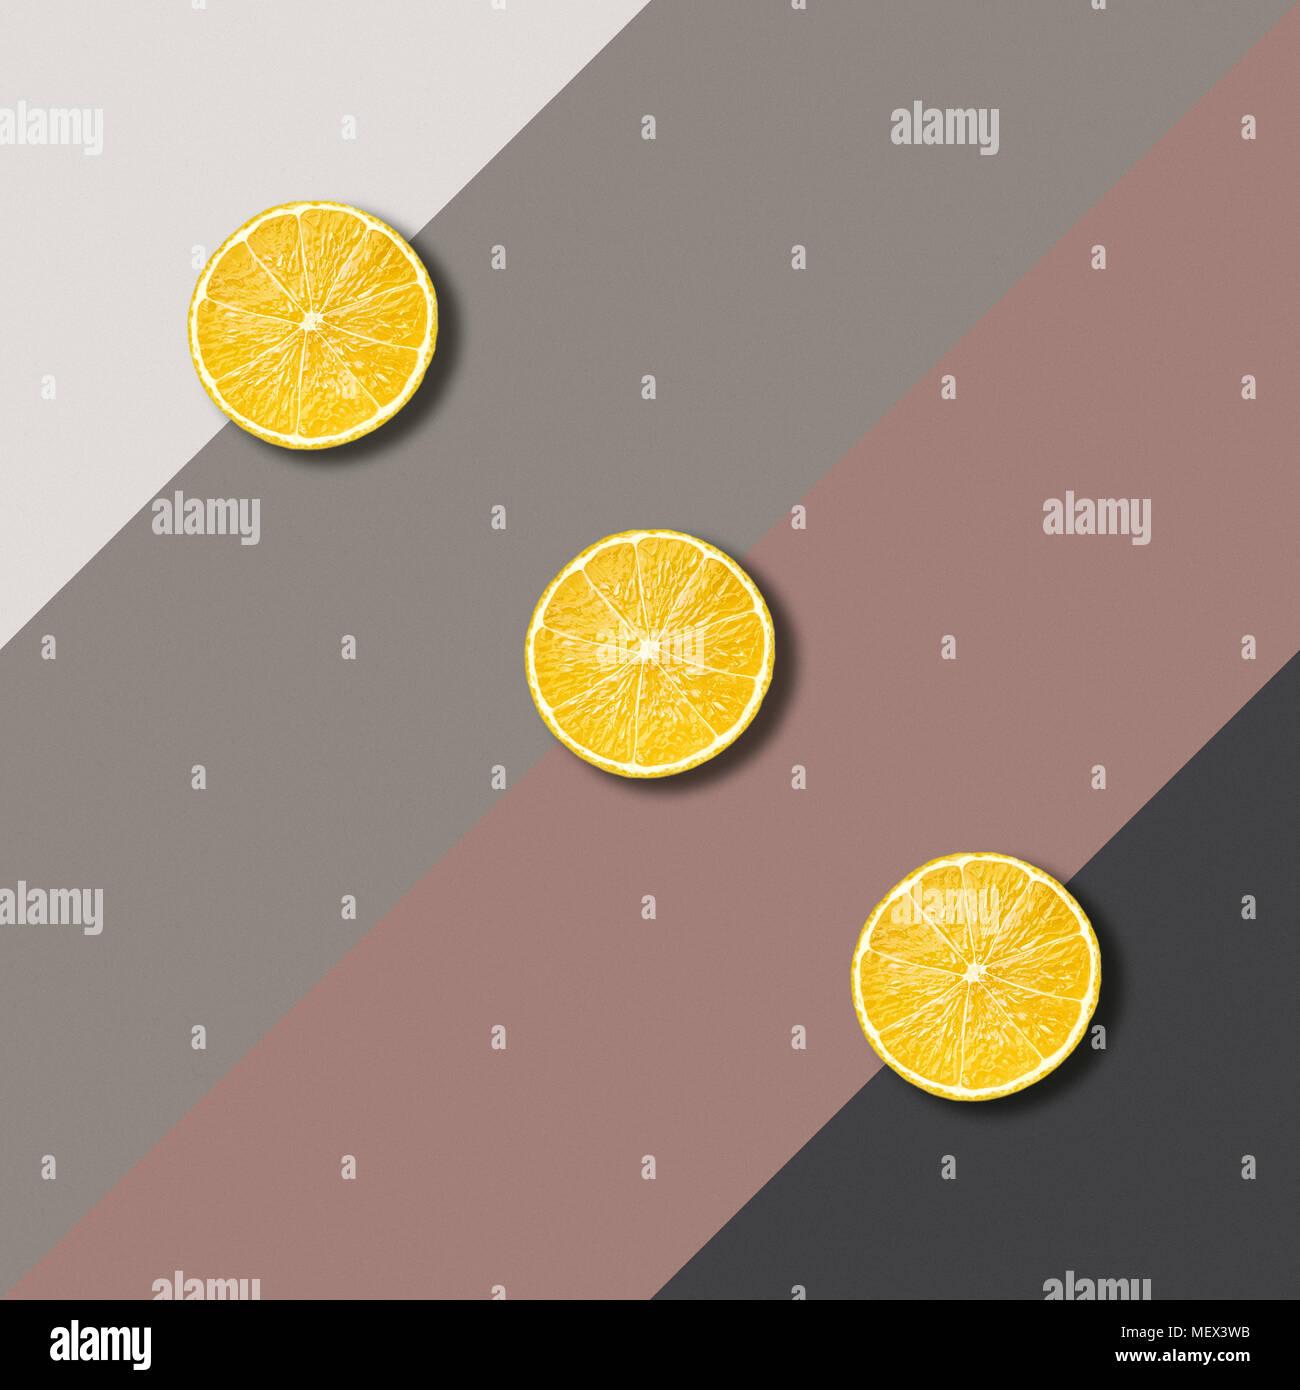 Image abstraite avec trois rondelles de citron sur un fond de couleur, la photographie alimentaire géométrique minimaliste Photo Stock